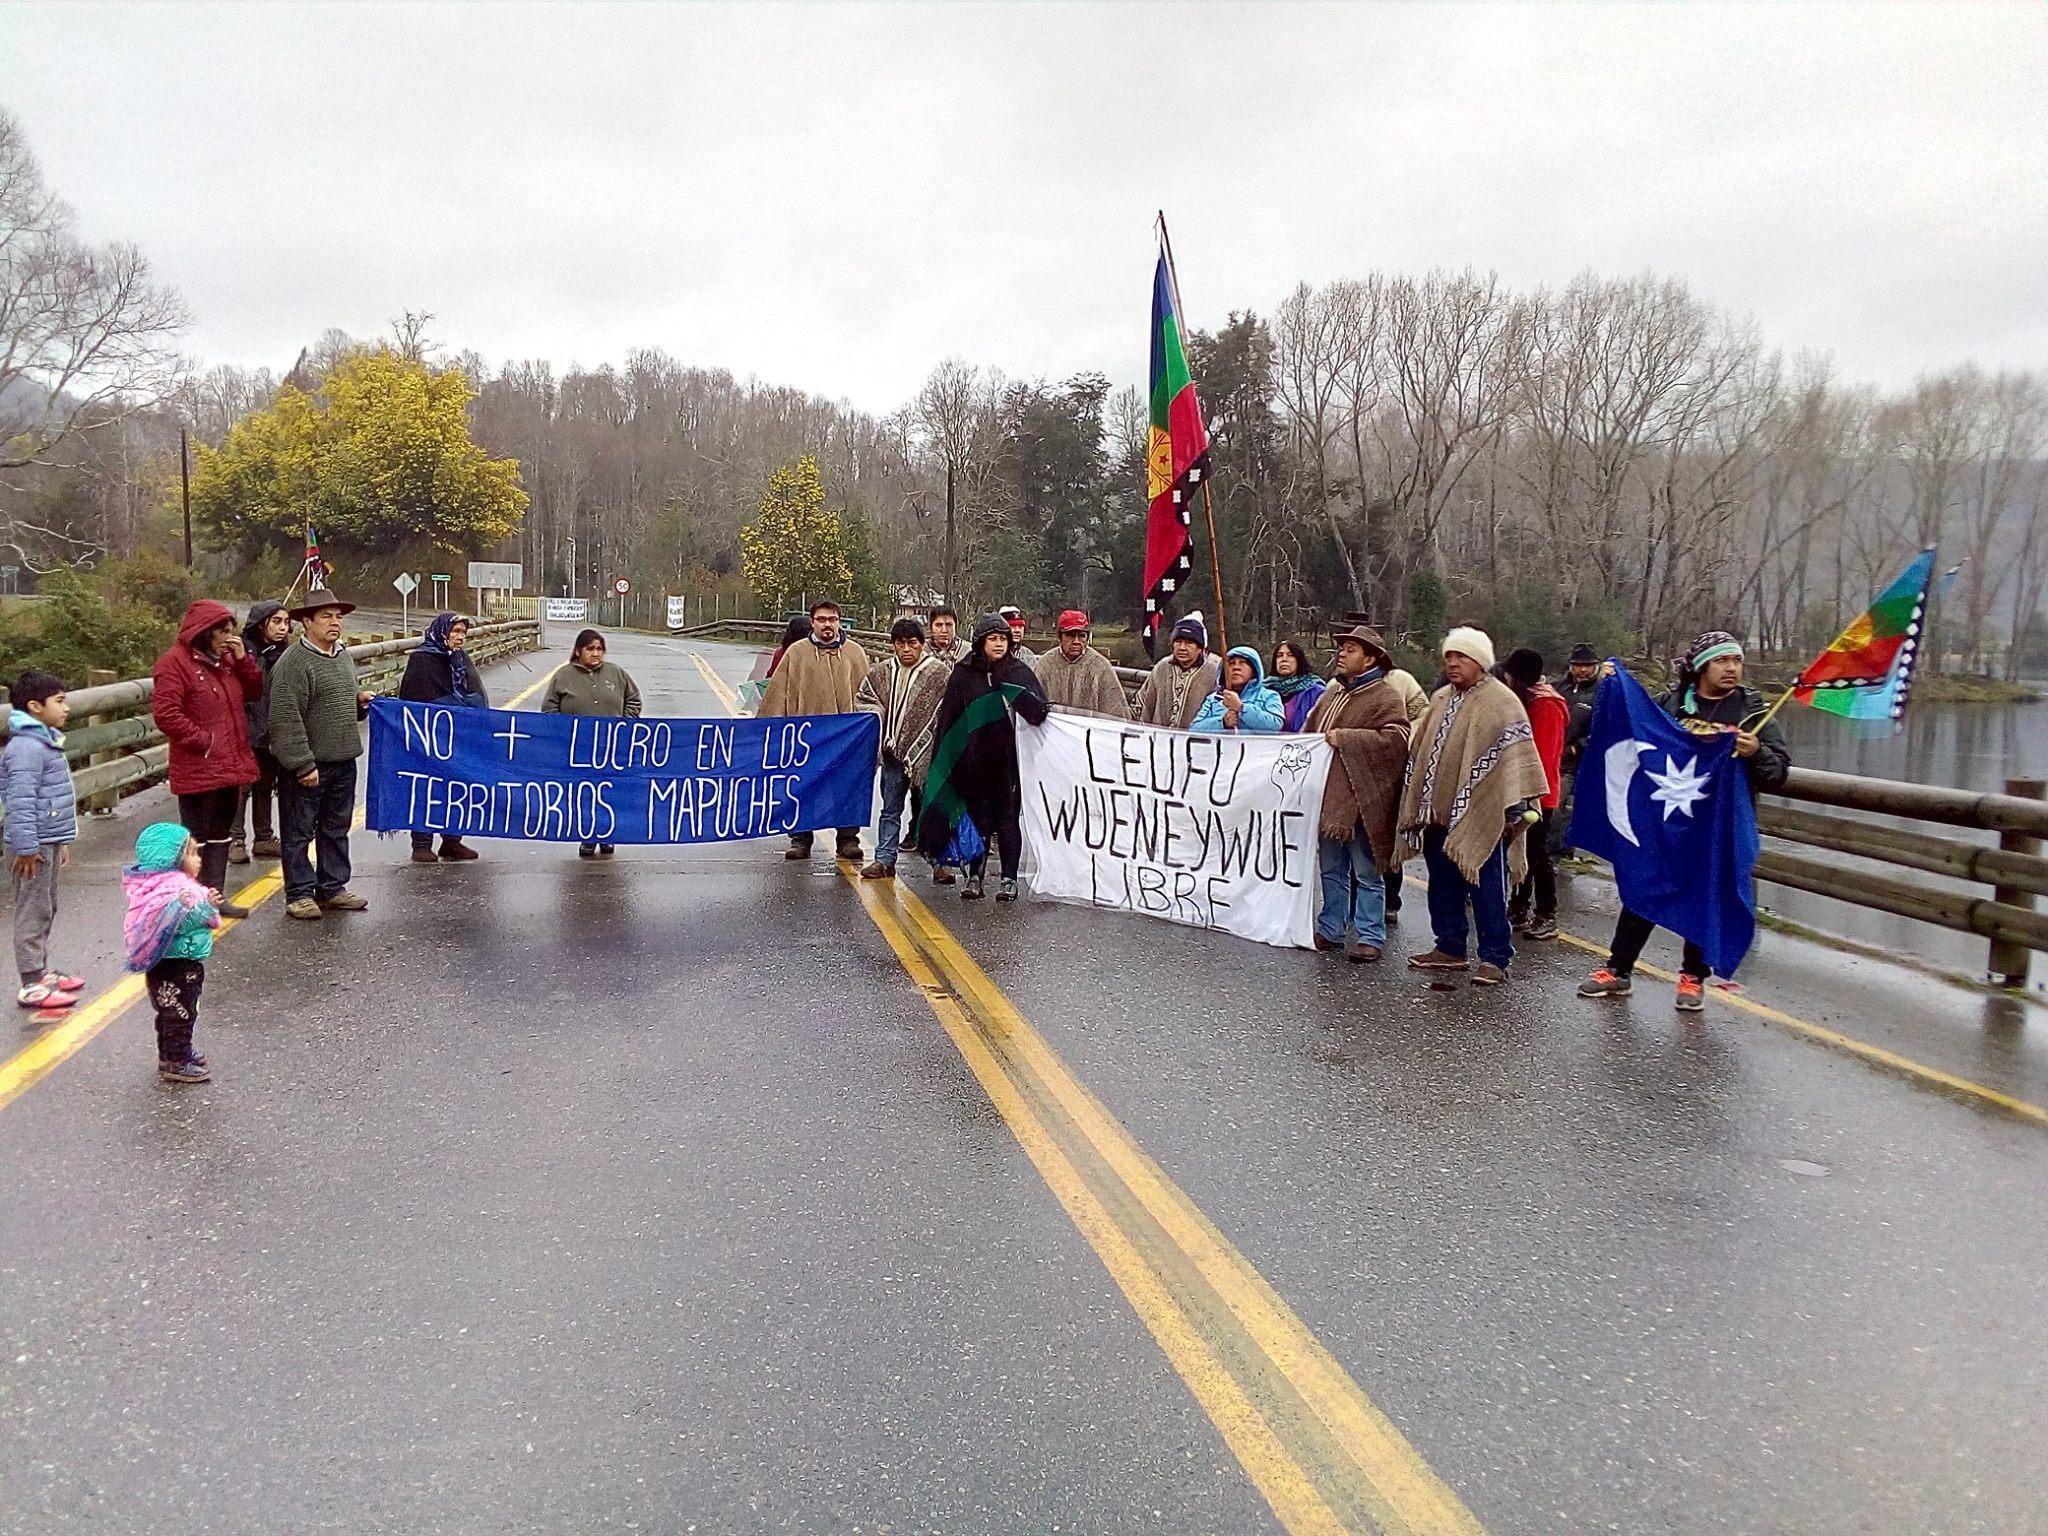 Asociación Leufü Wueneywue se manifiesta en defensa del río Wueneywue